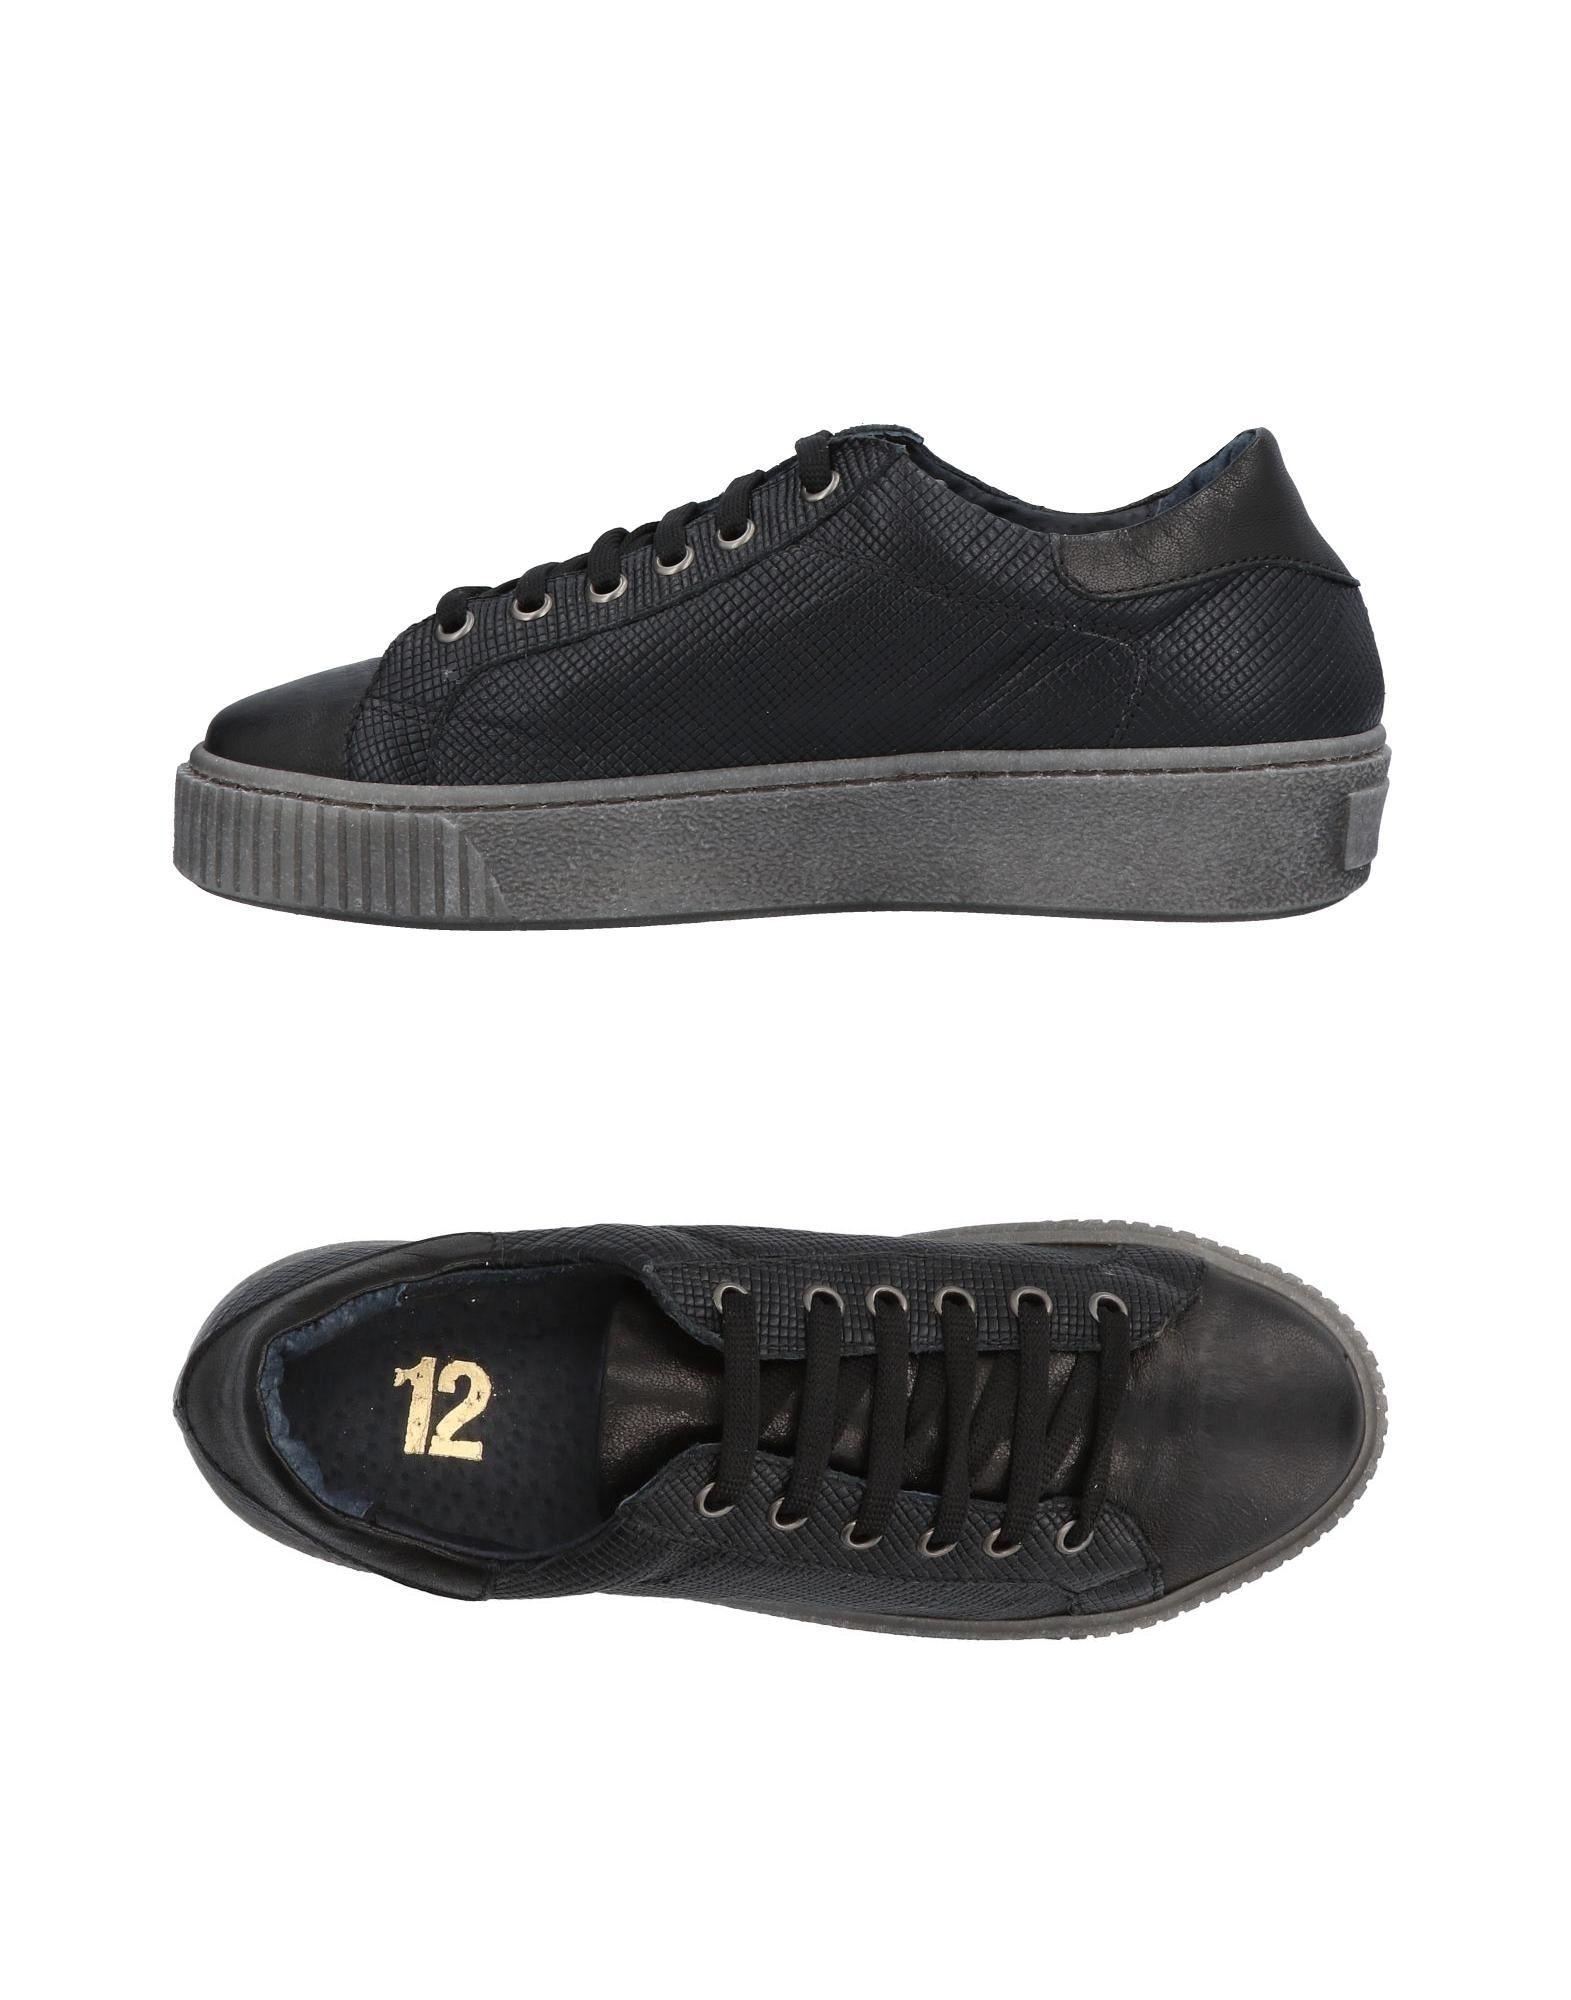 Tsd12 Sneakers  - Women Tsd12 Sneakers online on  Sneakers Canada - 11454067UG 152862